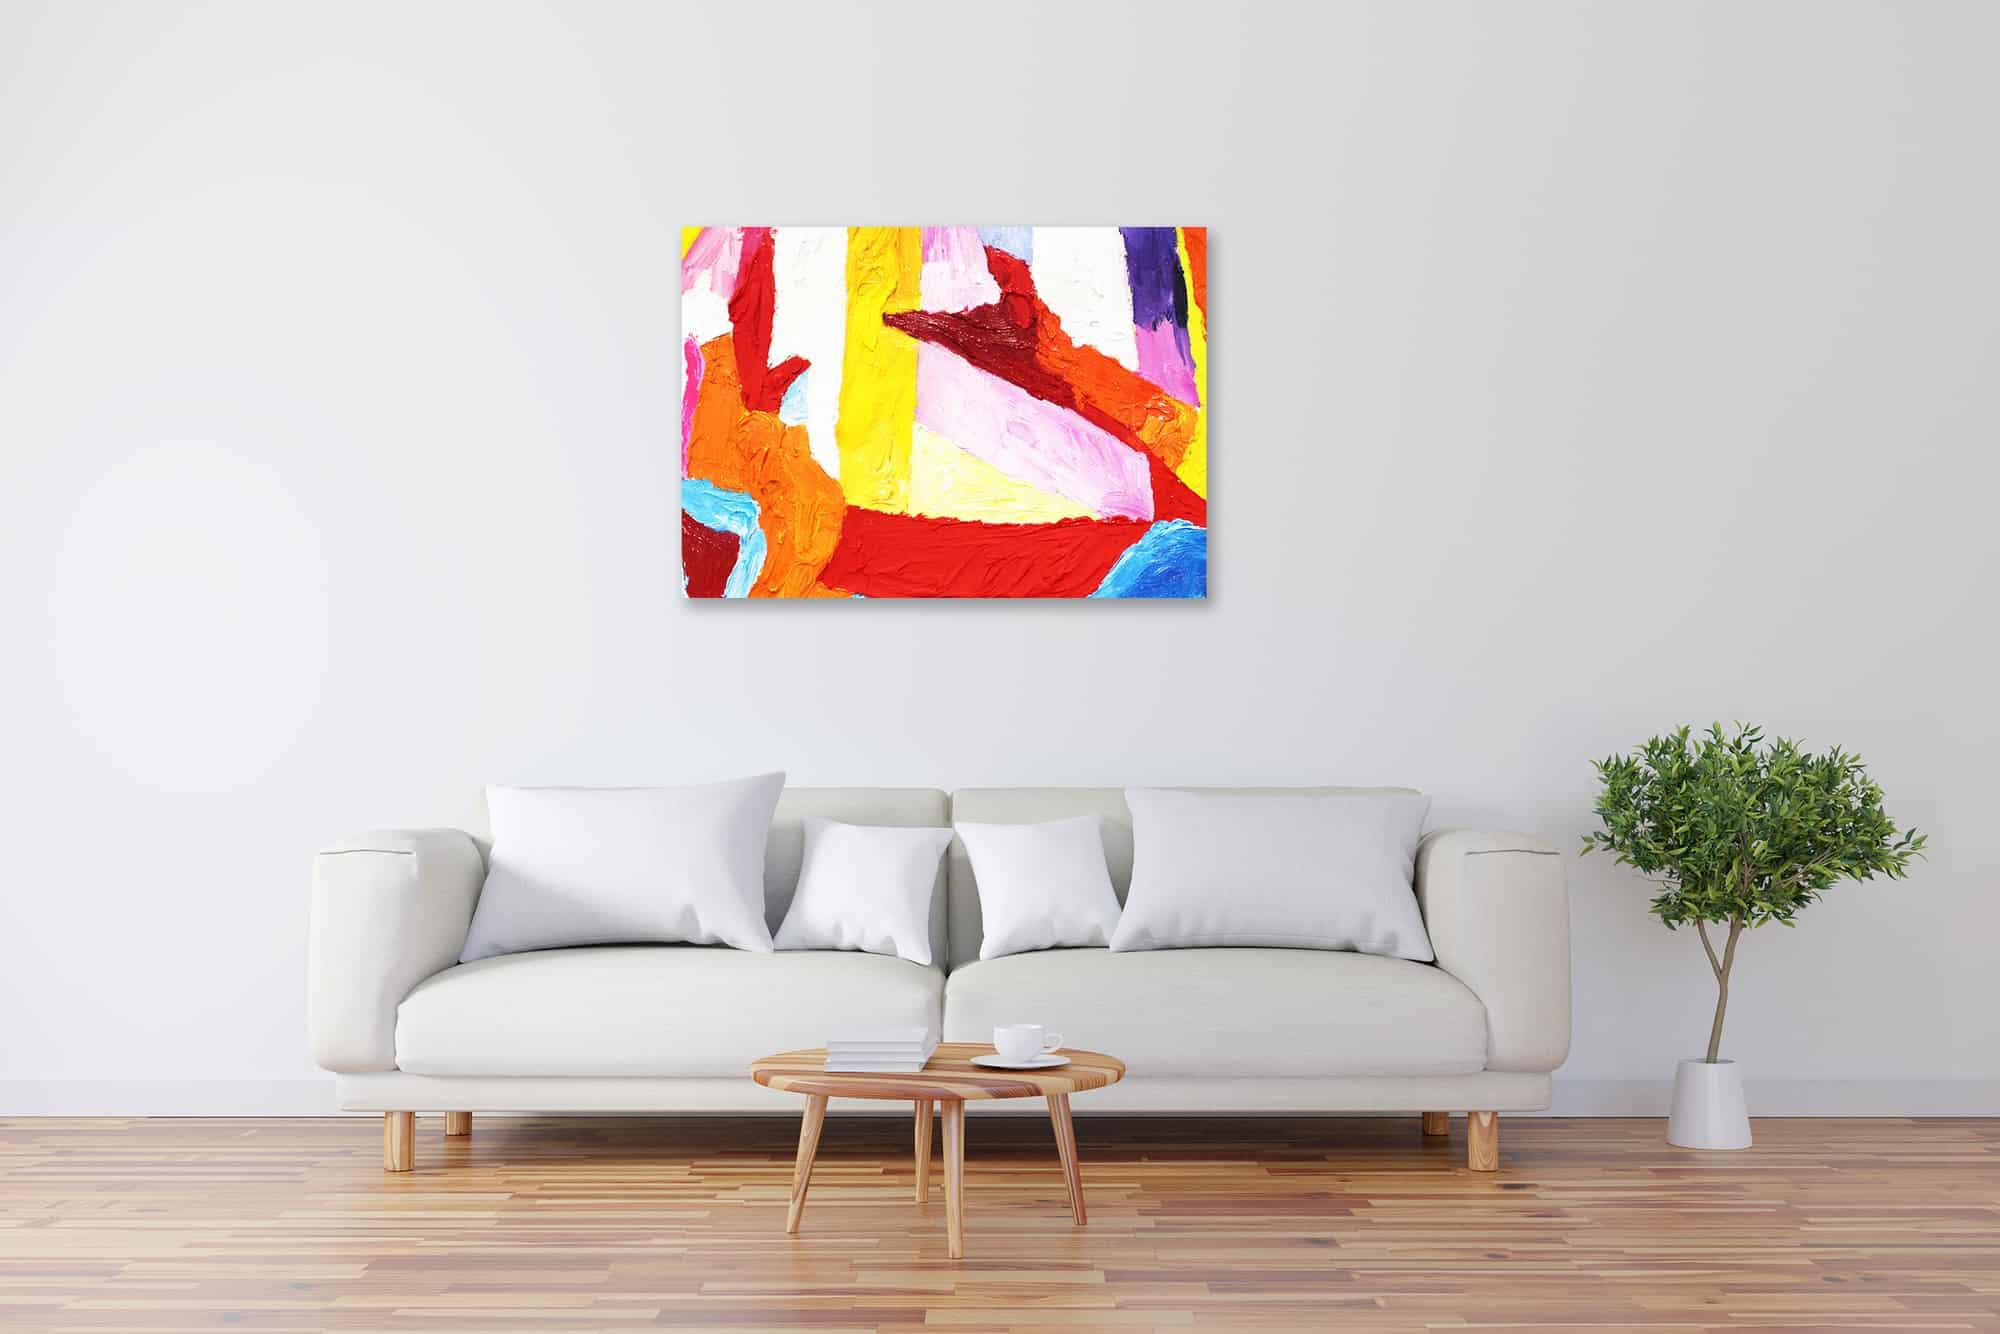 Acryl Gemälde abstrakte bunte Spielerei bild kaufen